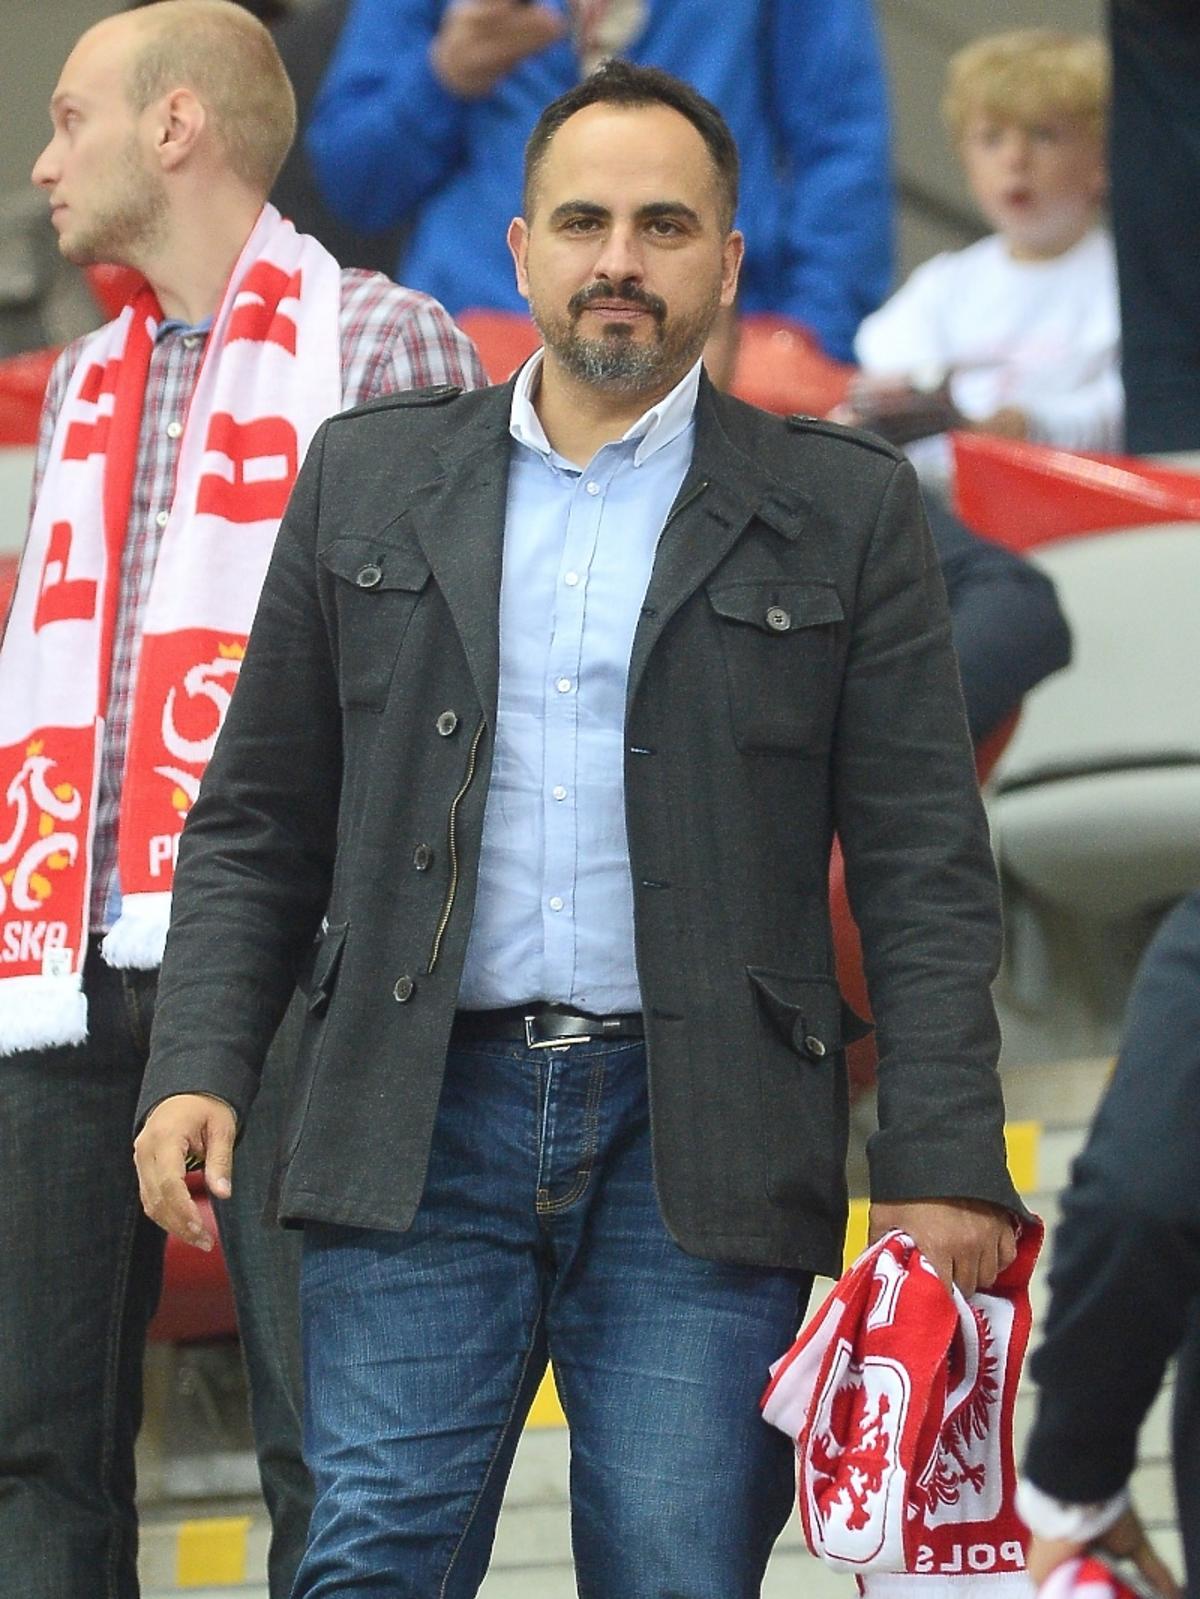 Agustin Egurrola na meczu Polska - Niemcy